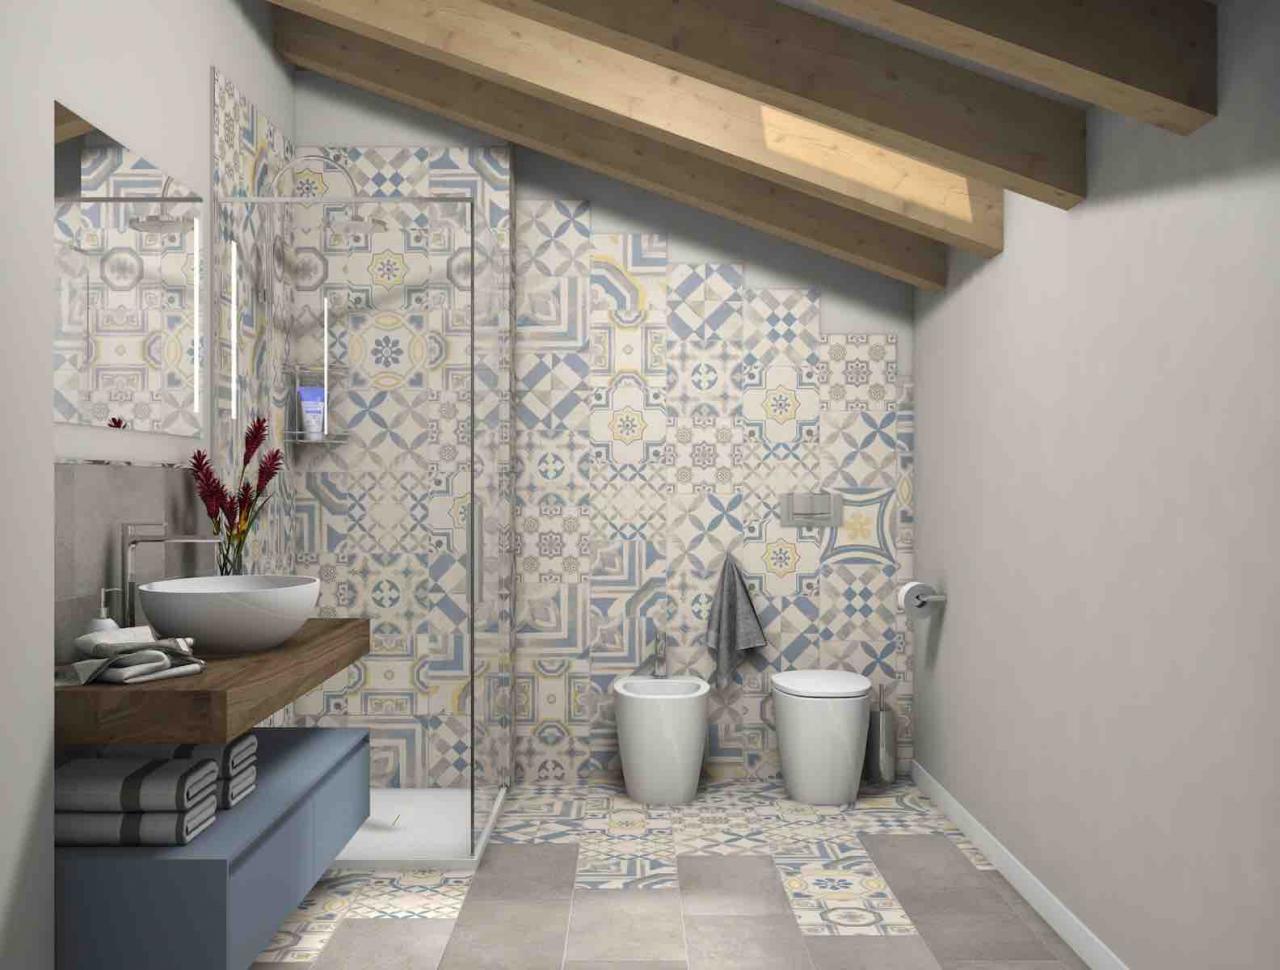 Immagini Di Bagni Piccoli bagno in mansarda | fratelli pellizzari